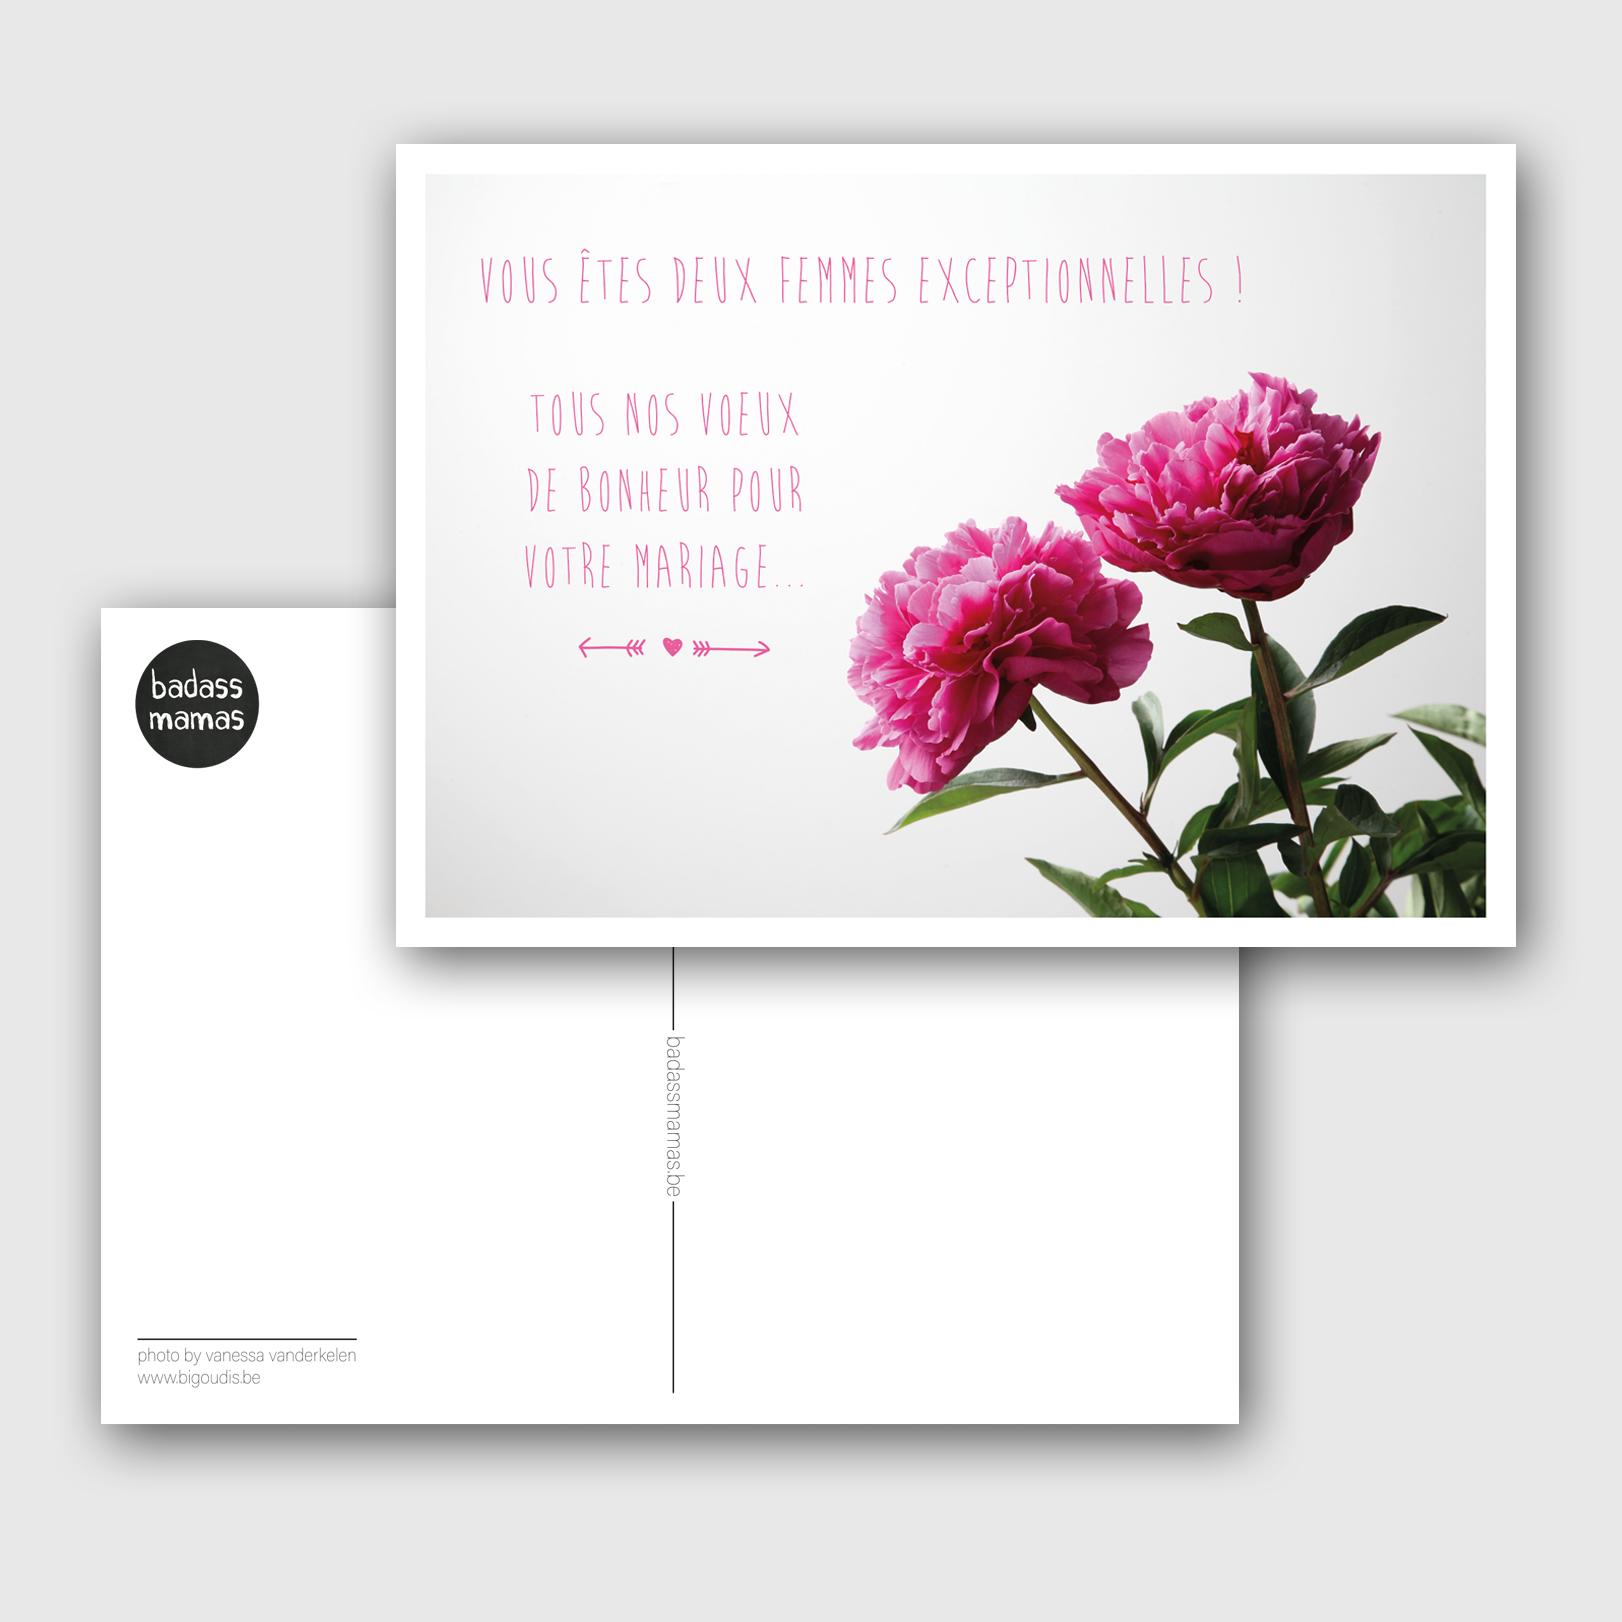 carte postale mariage #04 pour 2 femmes exceptionnelles